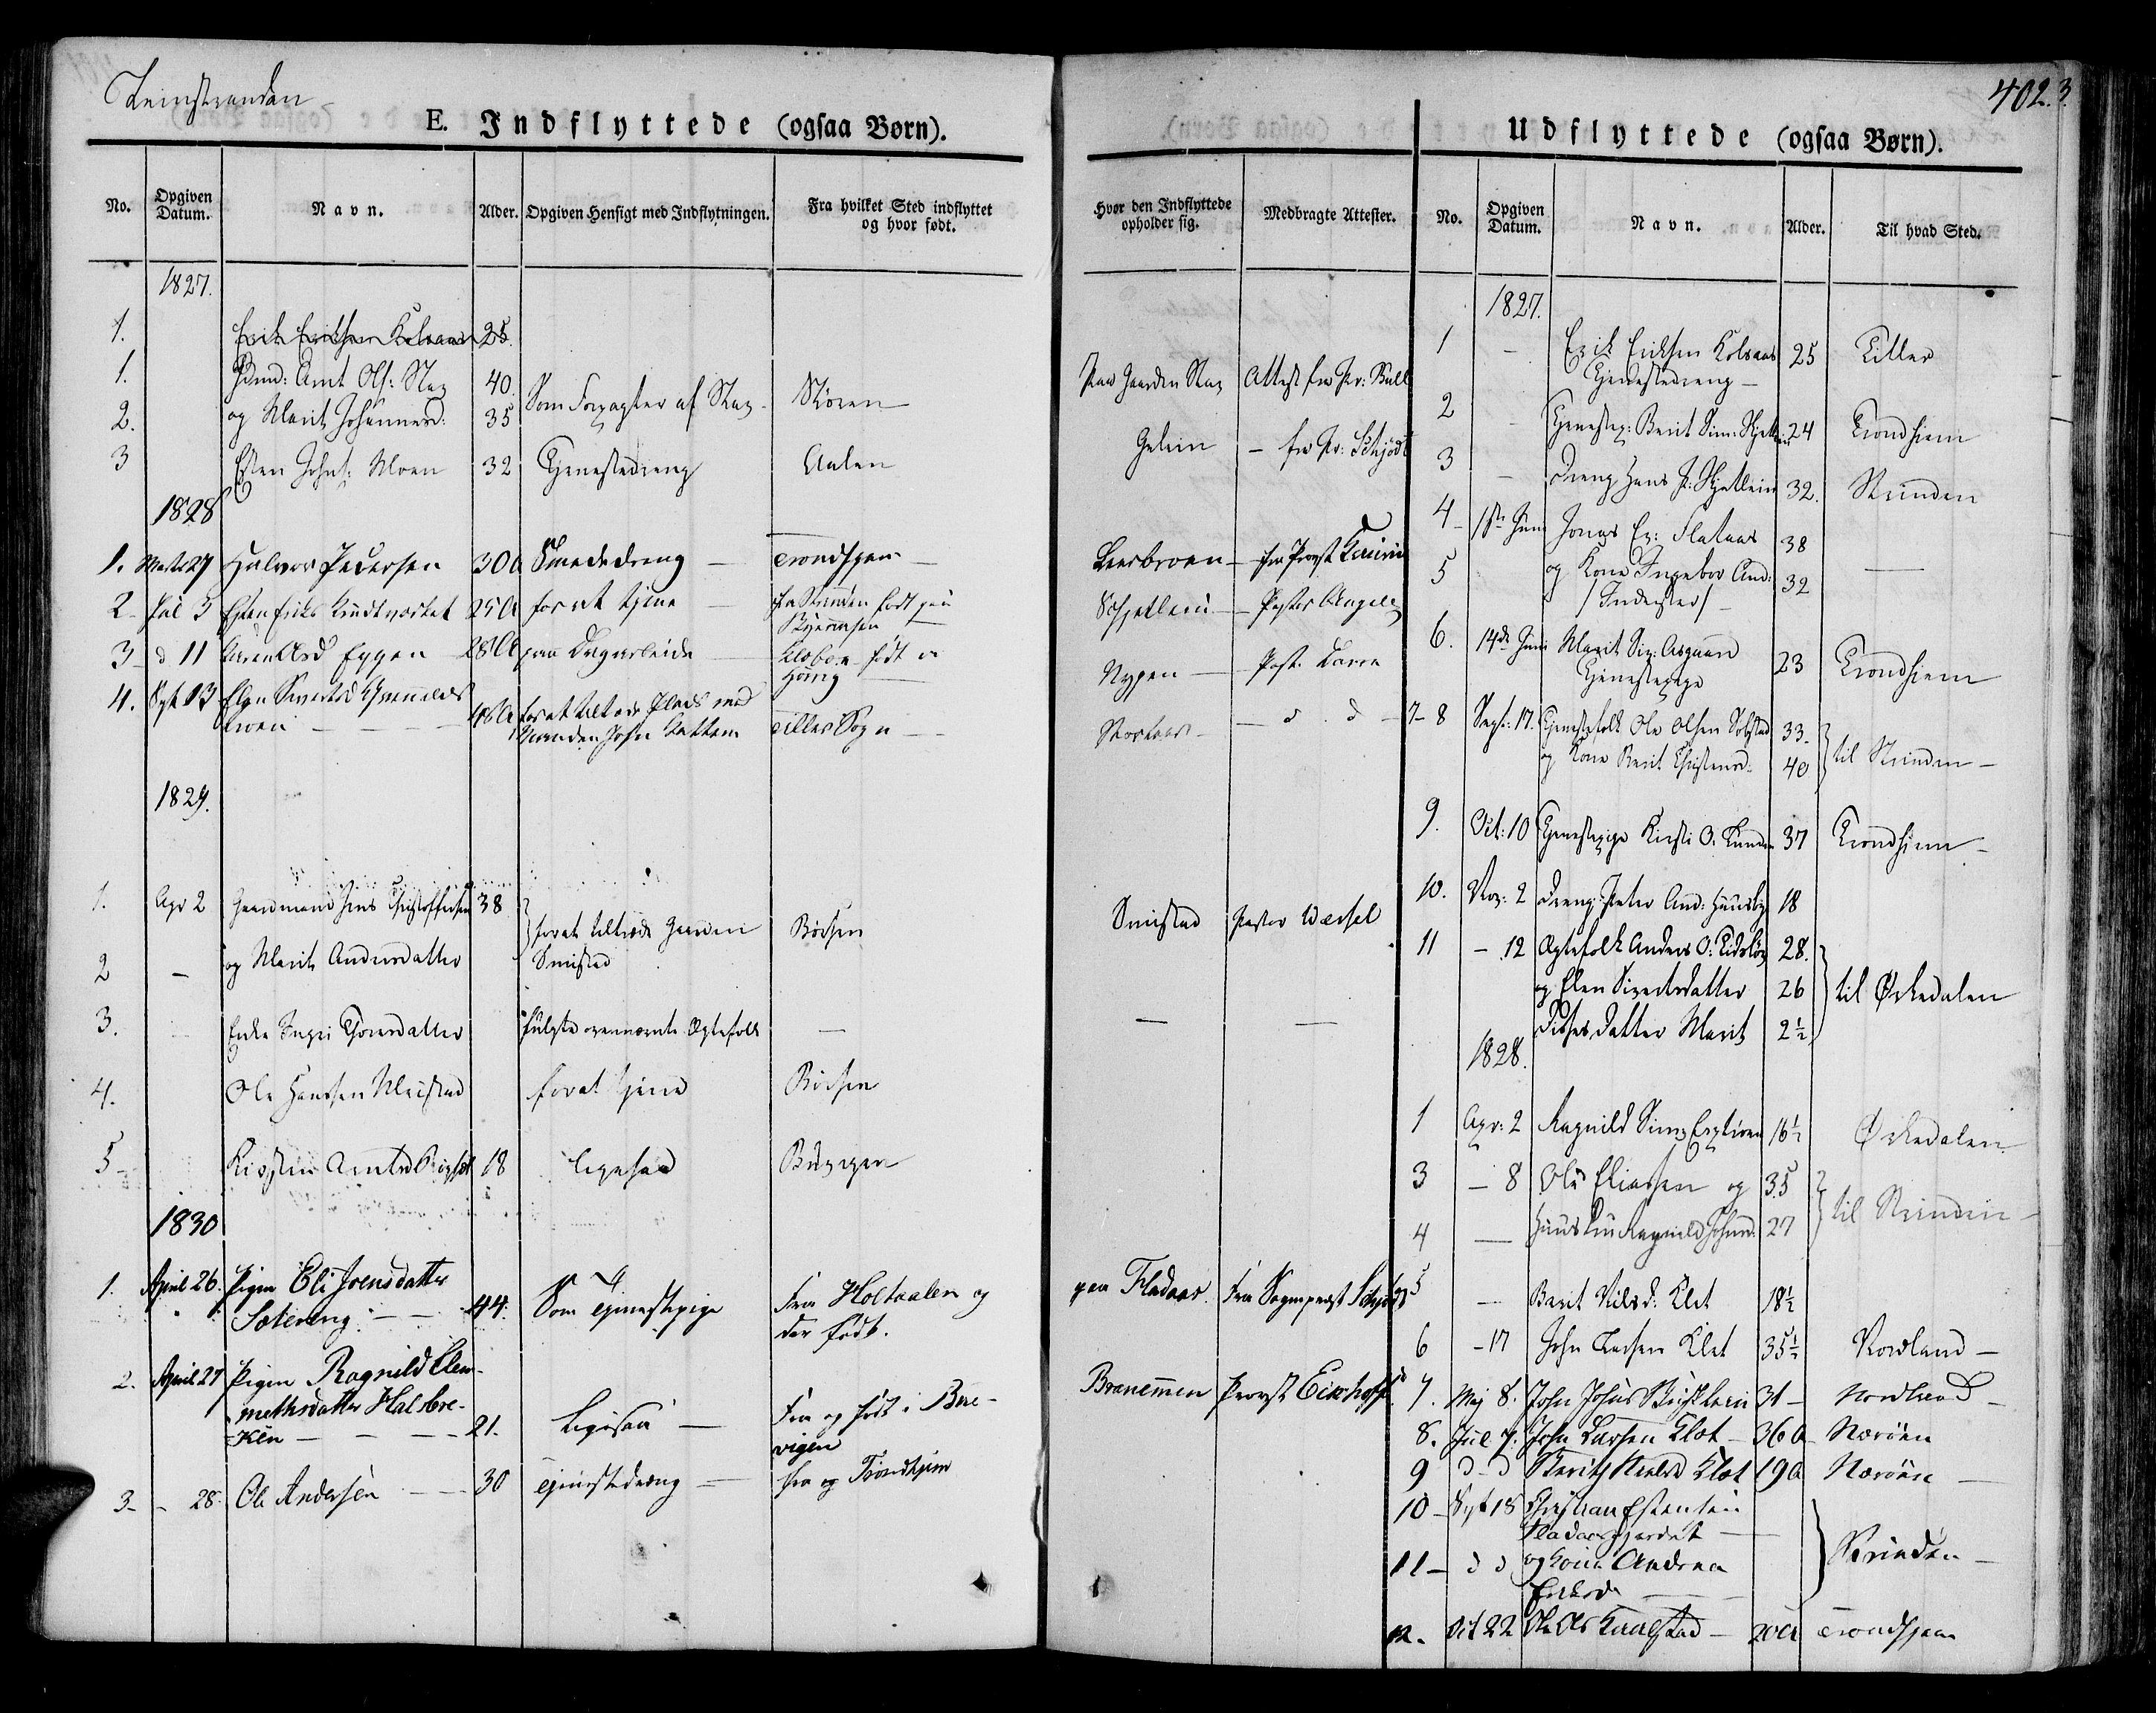 SAT, Ministerialprotokoller, klokkerbøker og fødselsregistre - Sør-Trøndelag, 691/L1071: Ministerialbok nr. 691A05 /2, 1826-1841, s. 402